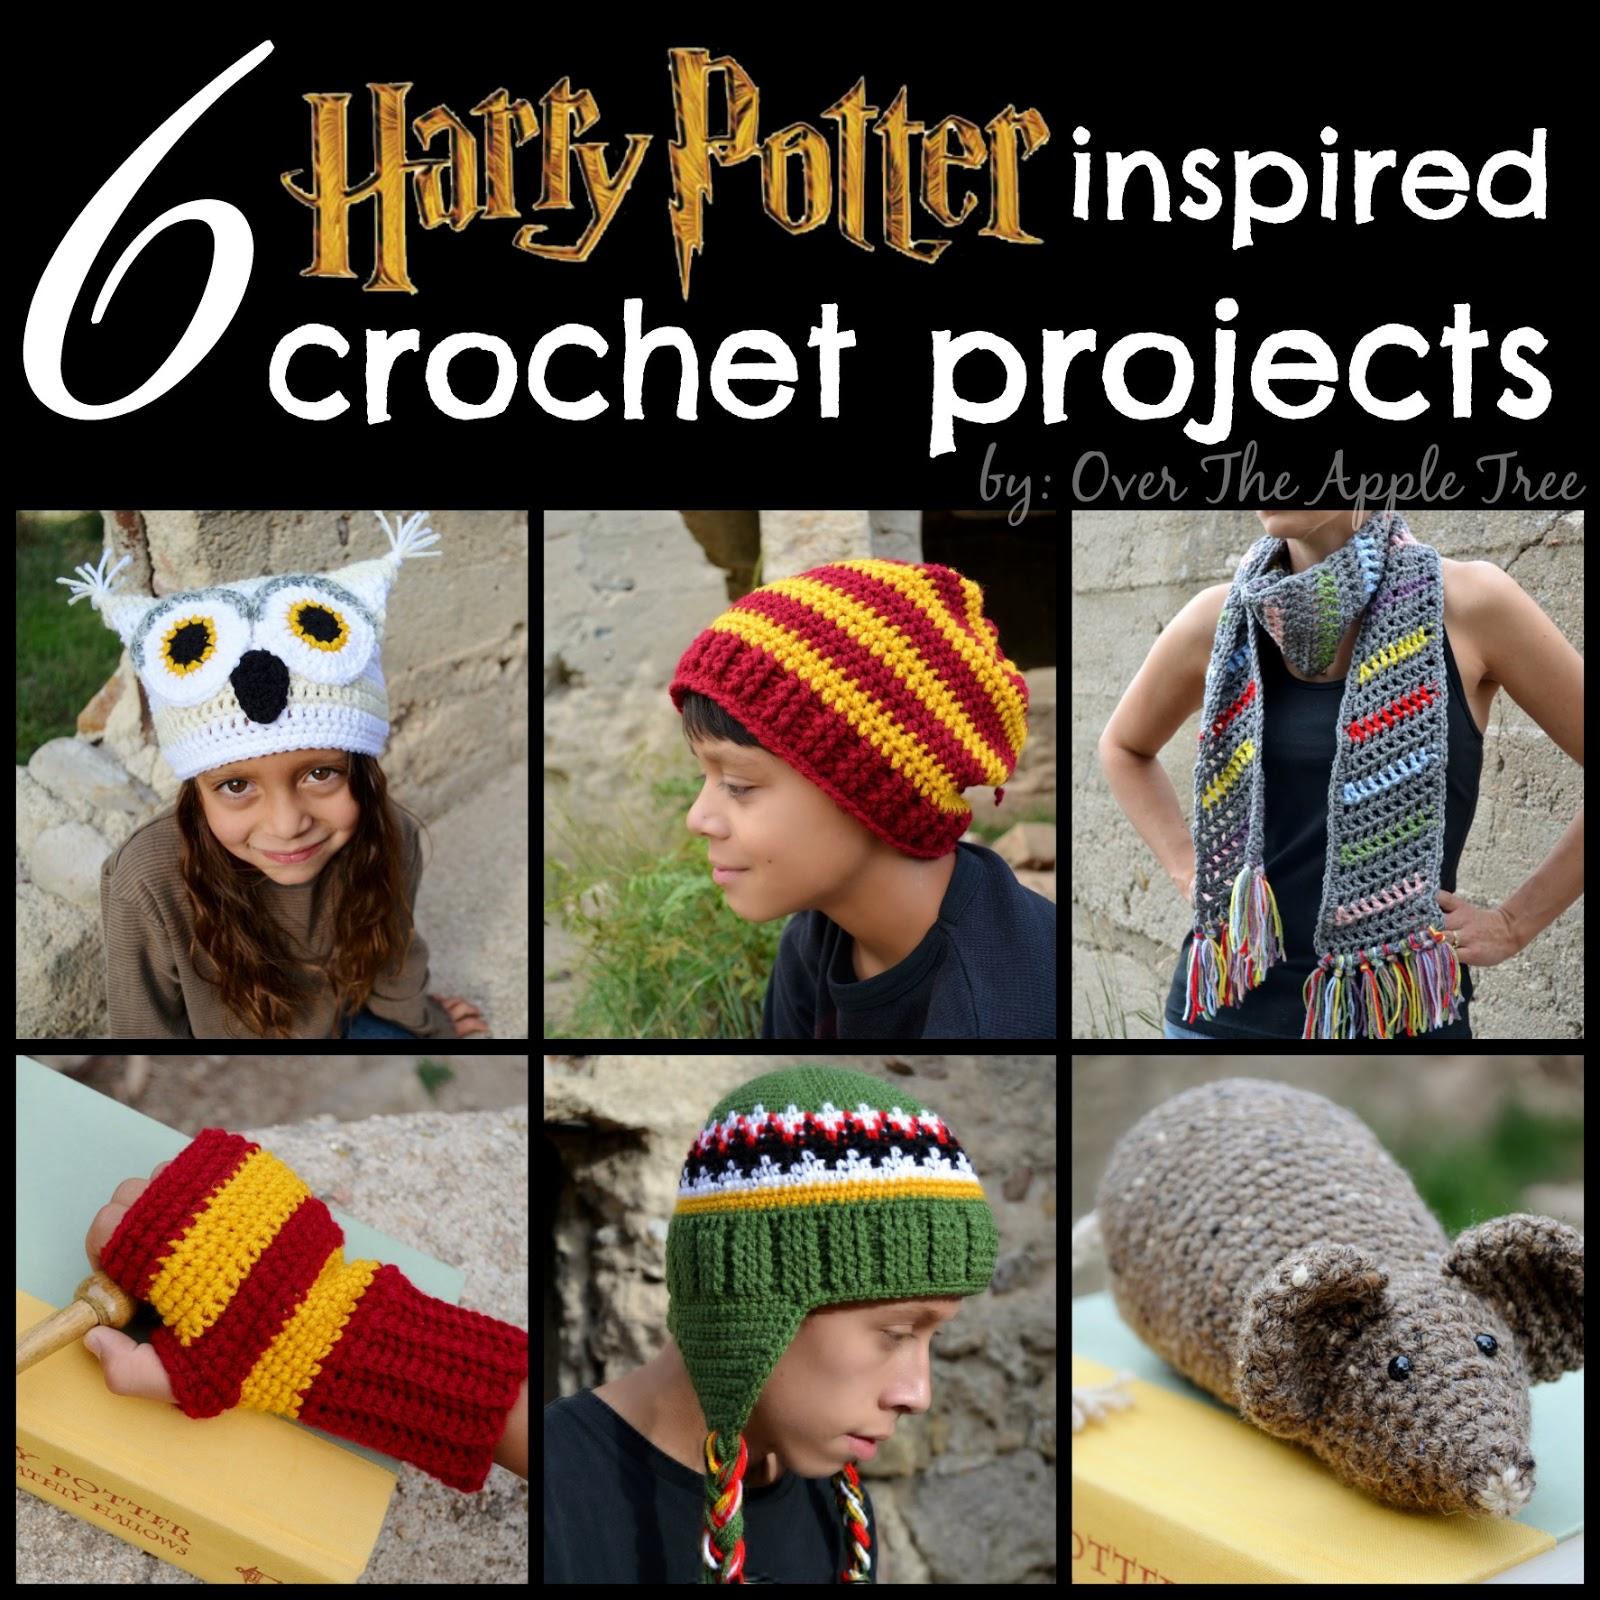 Harry Potter Inspired Crochet » Over The Apple Tree